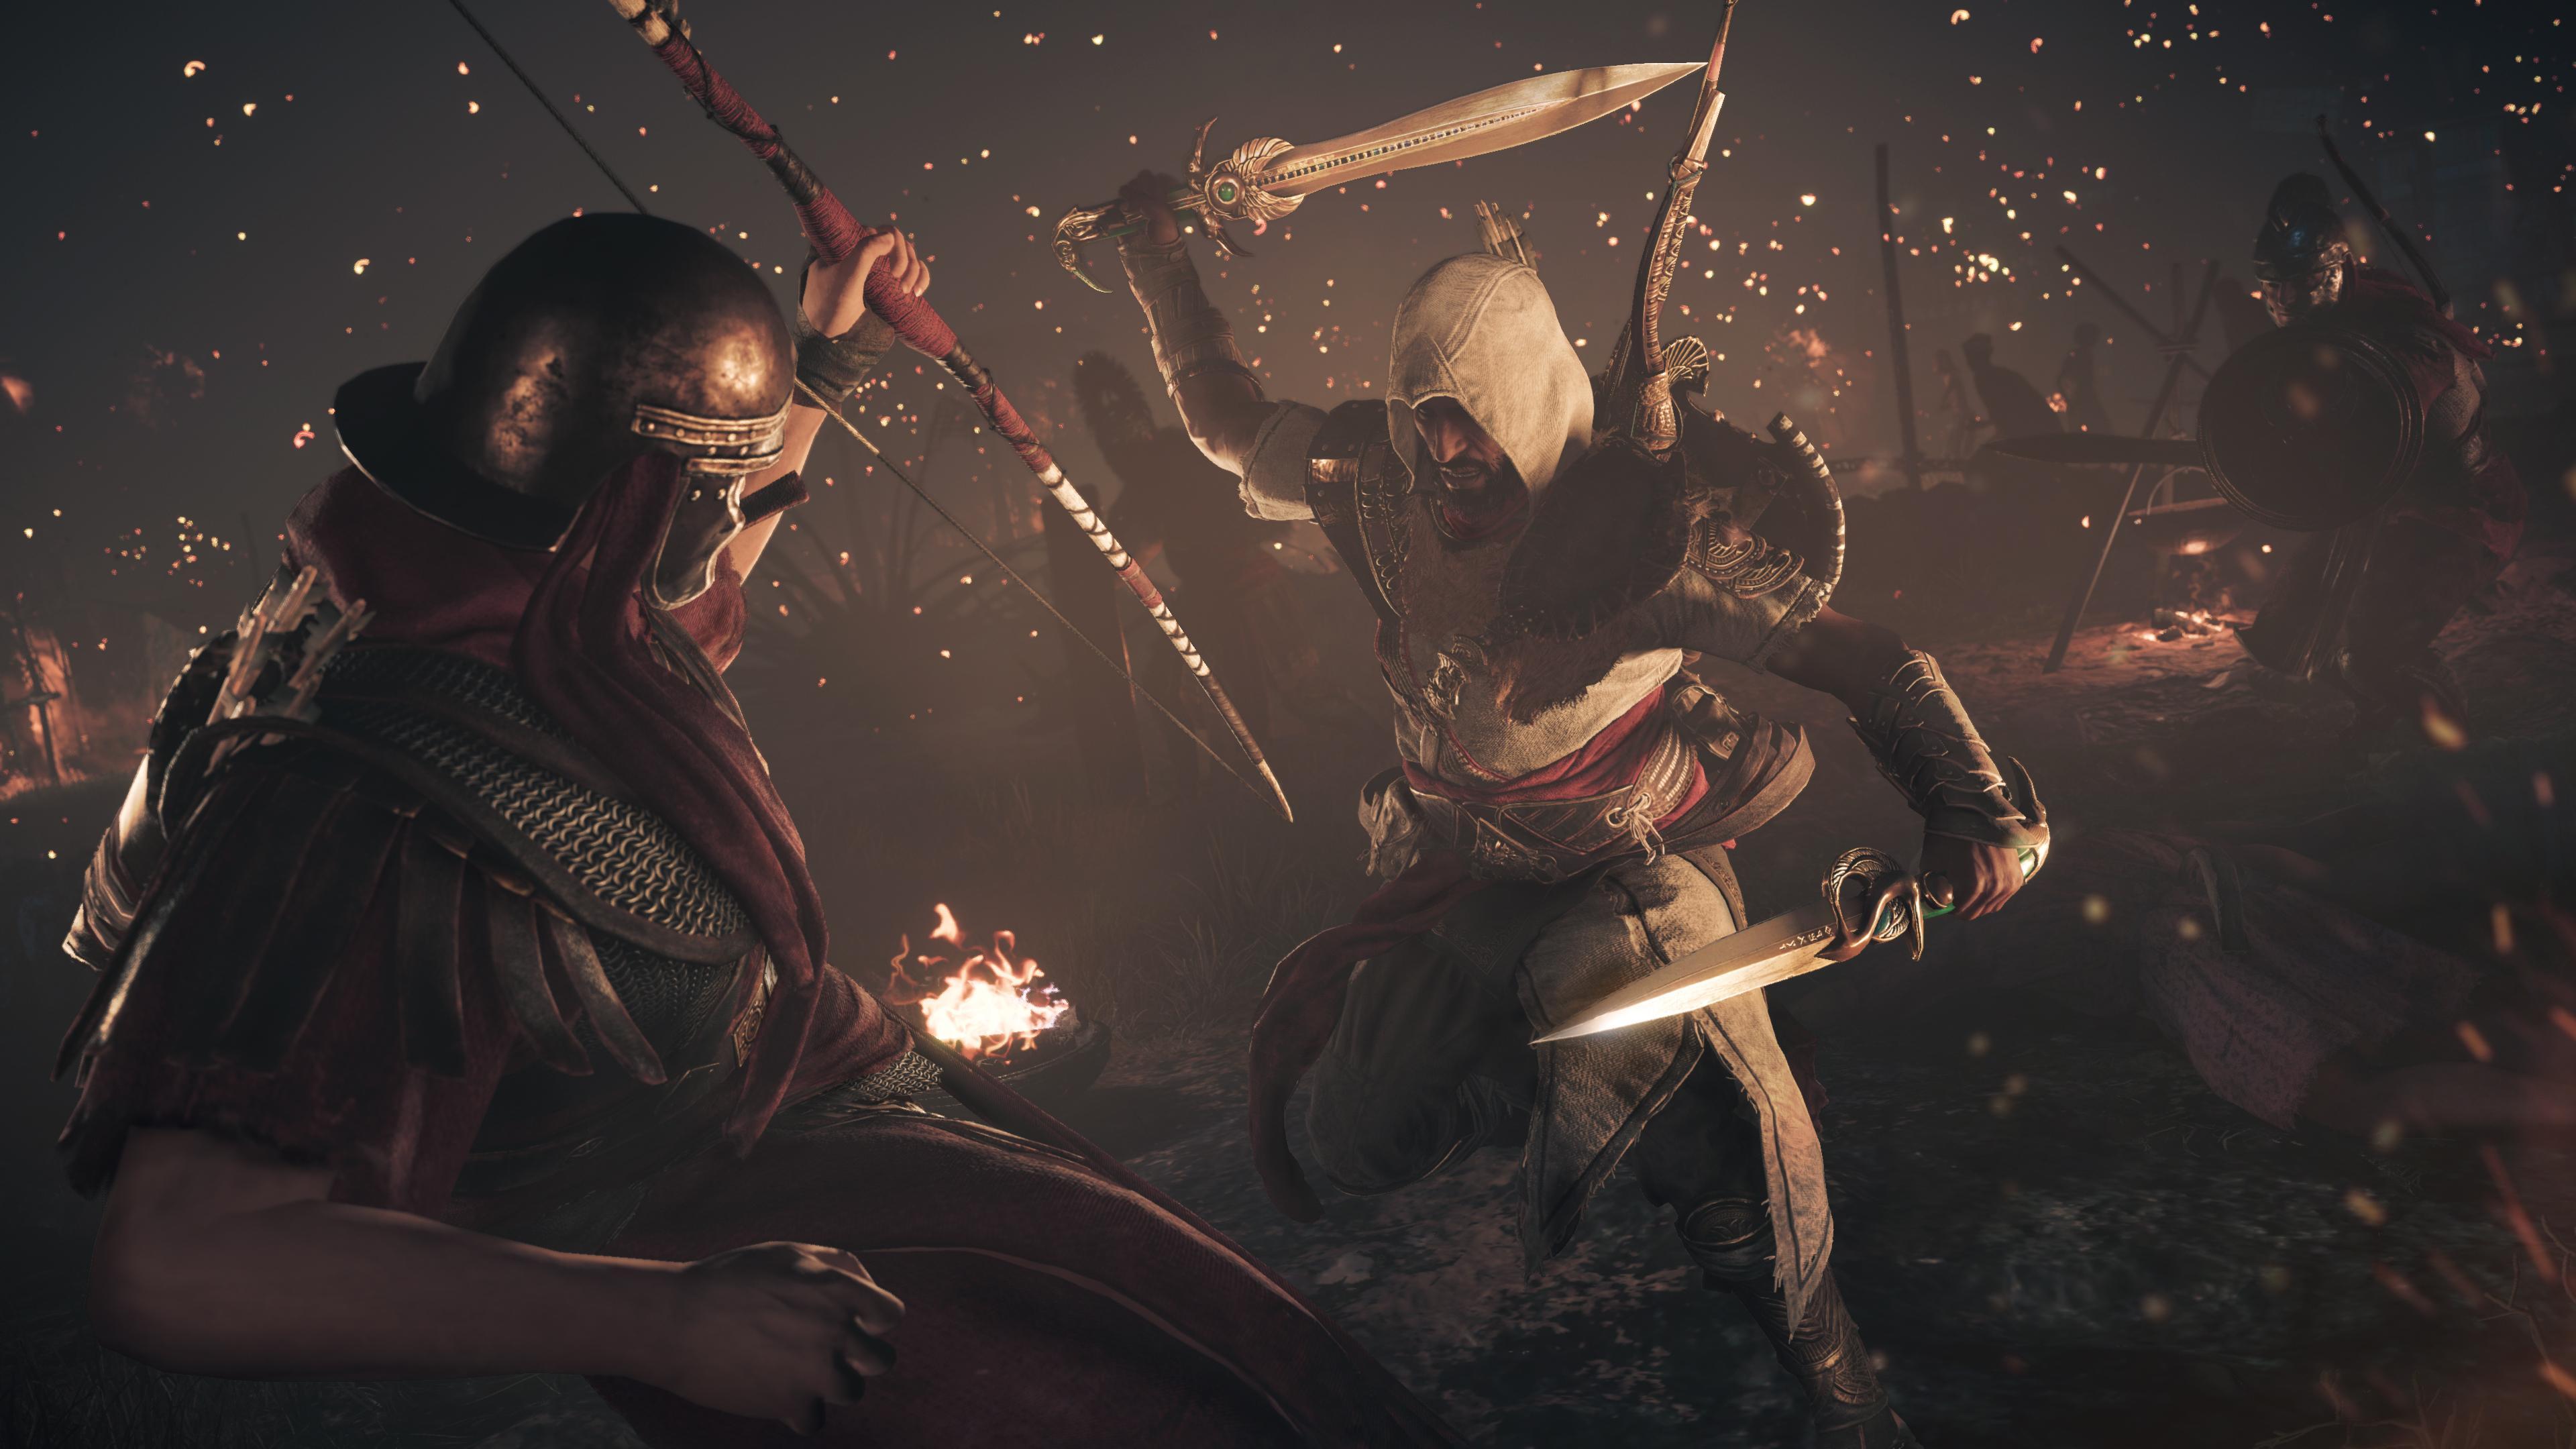 2018 Assassins Creed Origins 4k Hd Games 4k Wallpapers: Assassins Creed Origins The Hidden Ones DLC 4k, HD Games